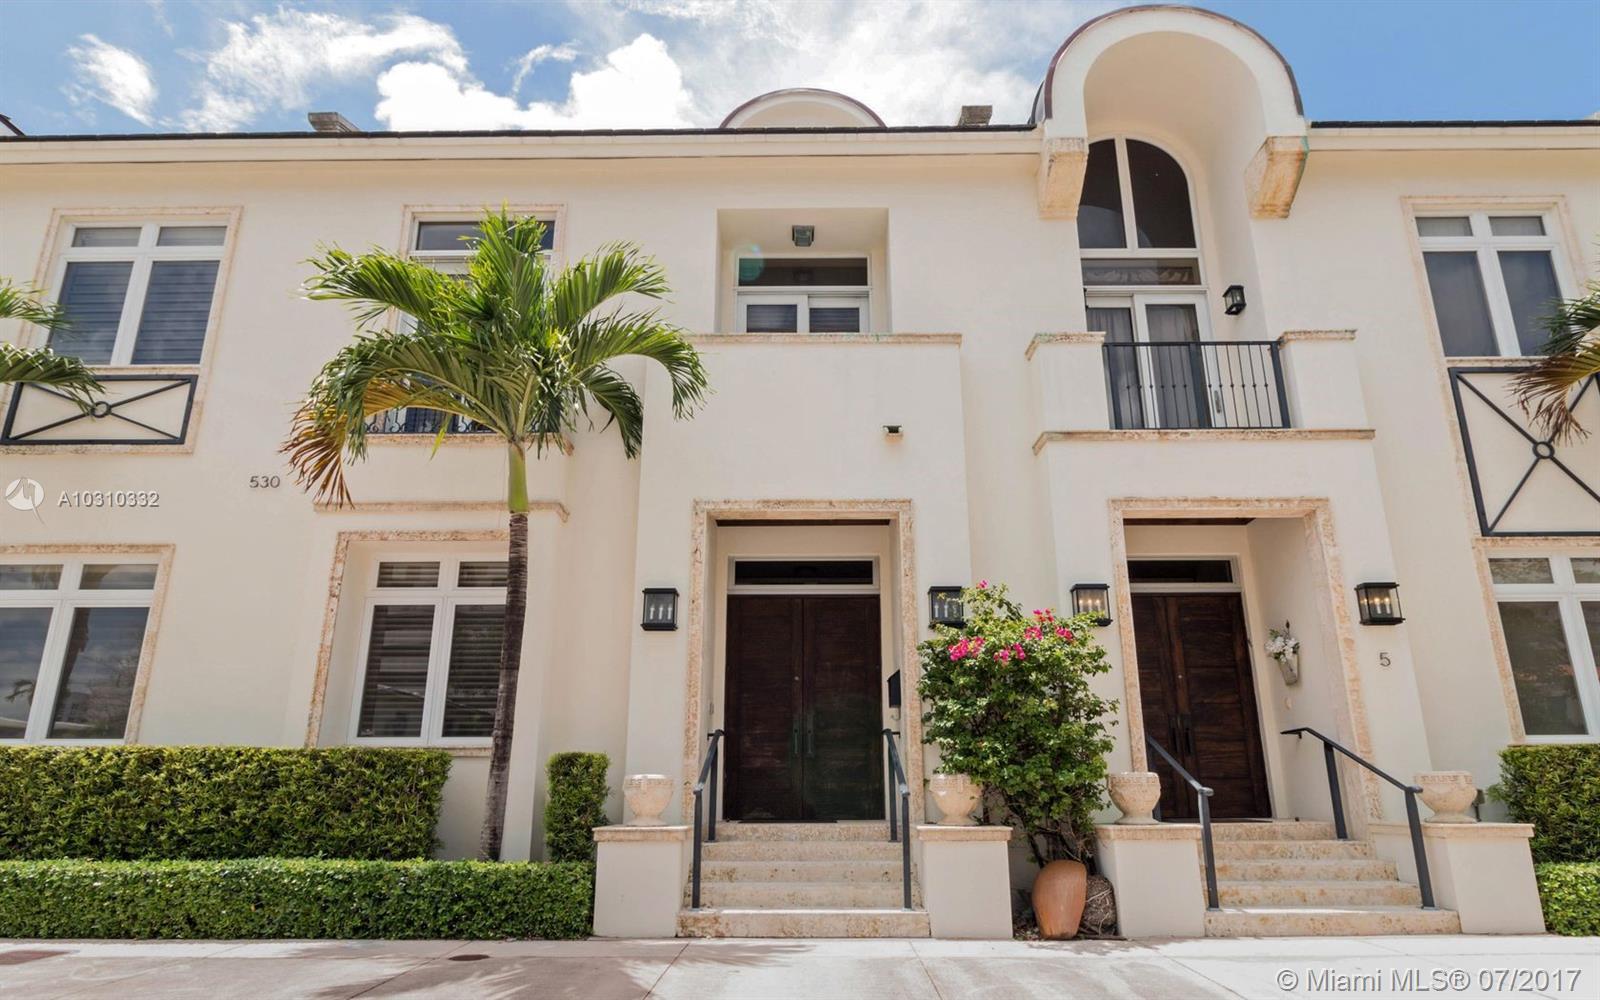 530 Valencia Ave, 4 - Coral Gables, Florida